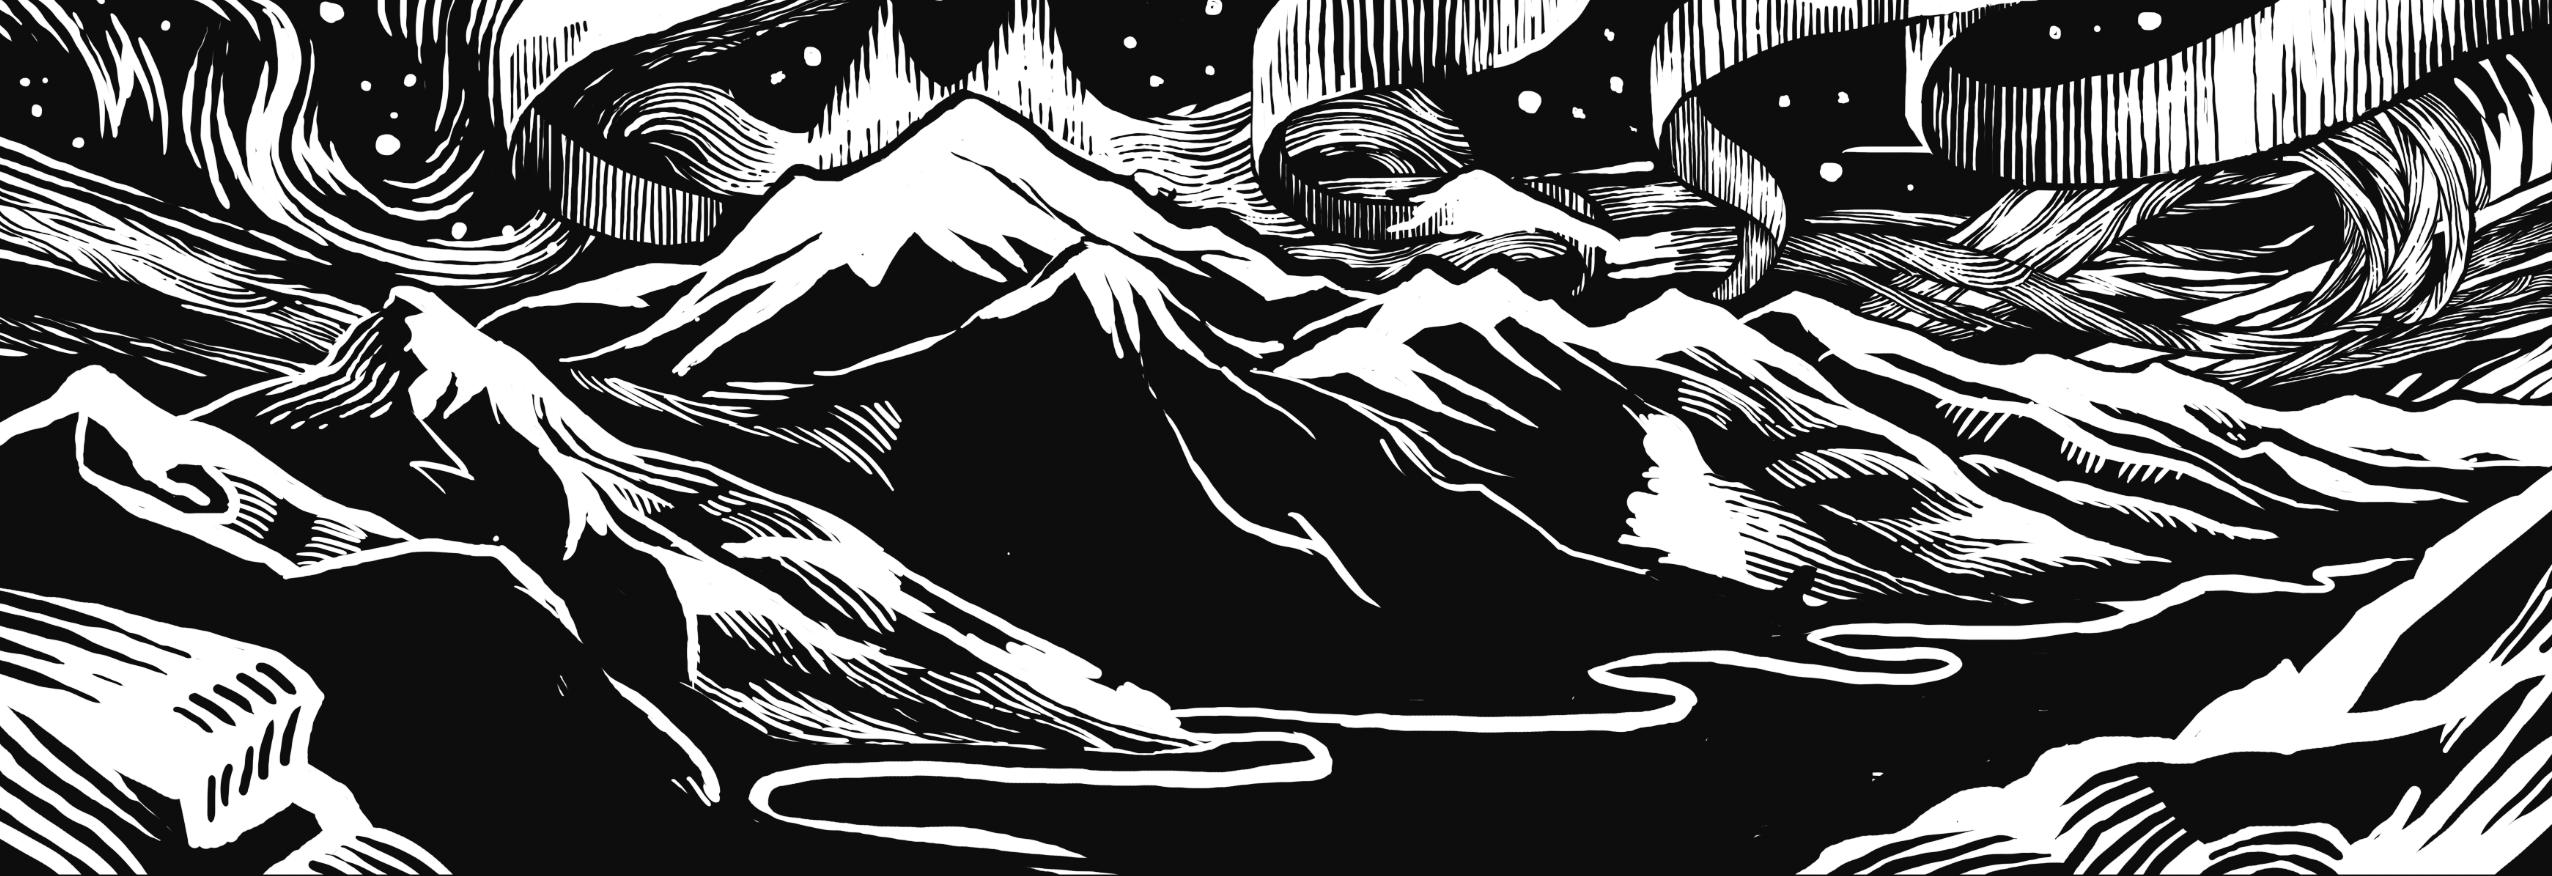 Borealis Northern Lights Banner